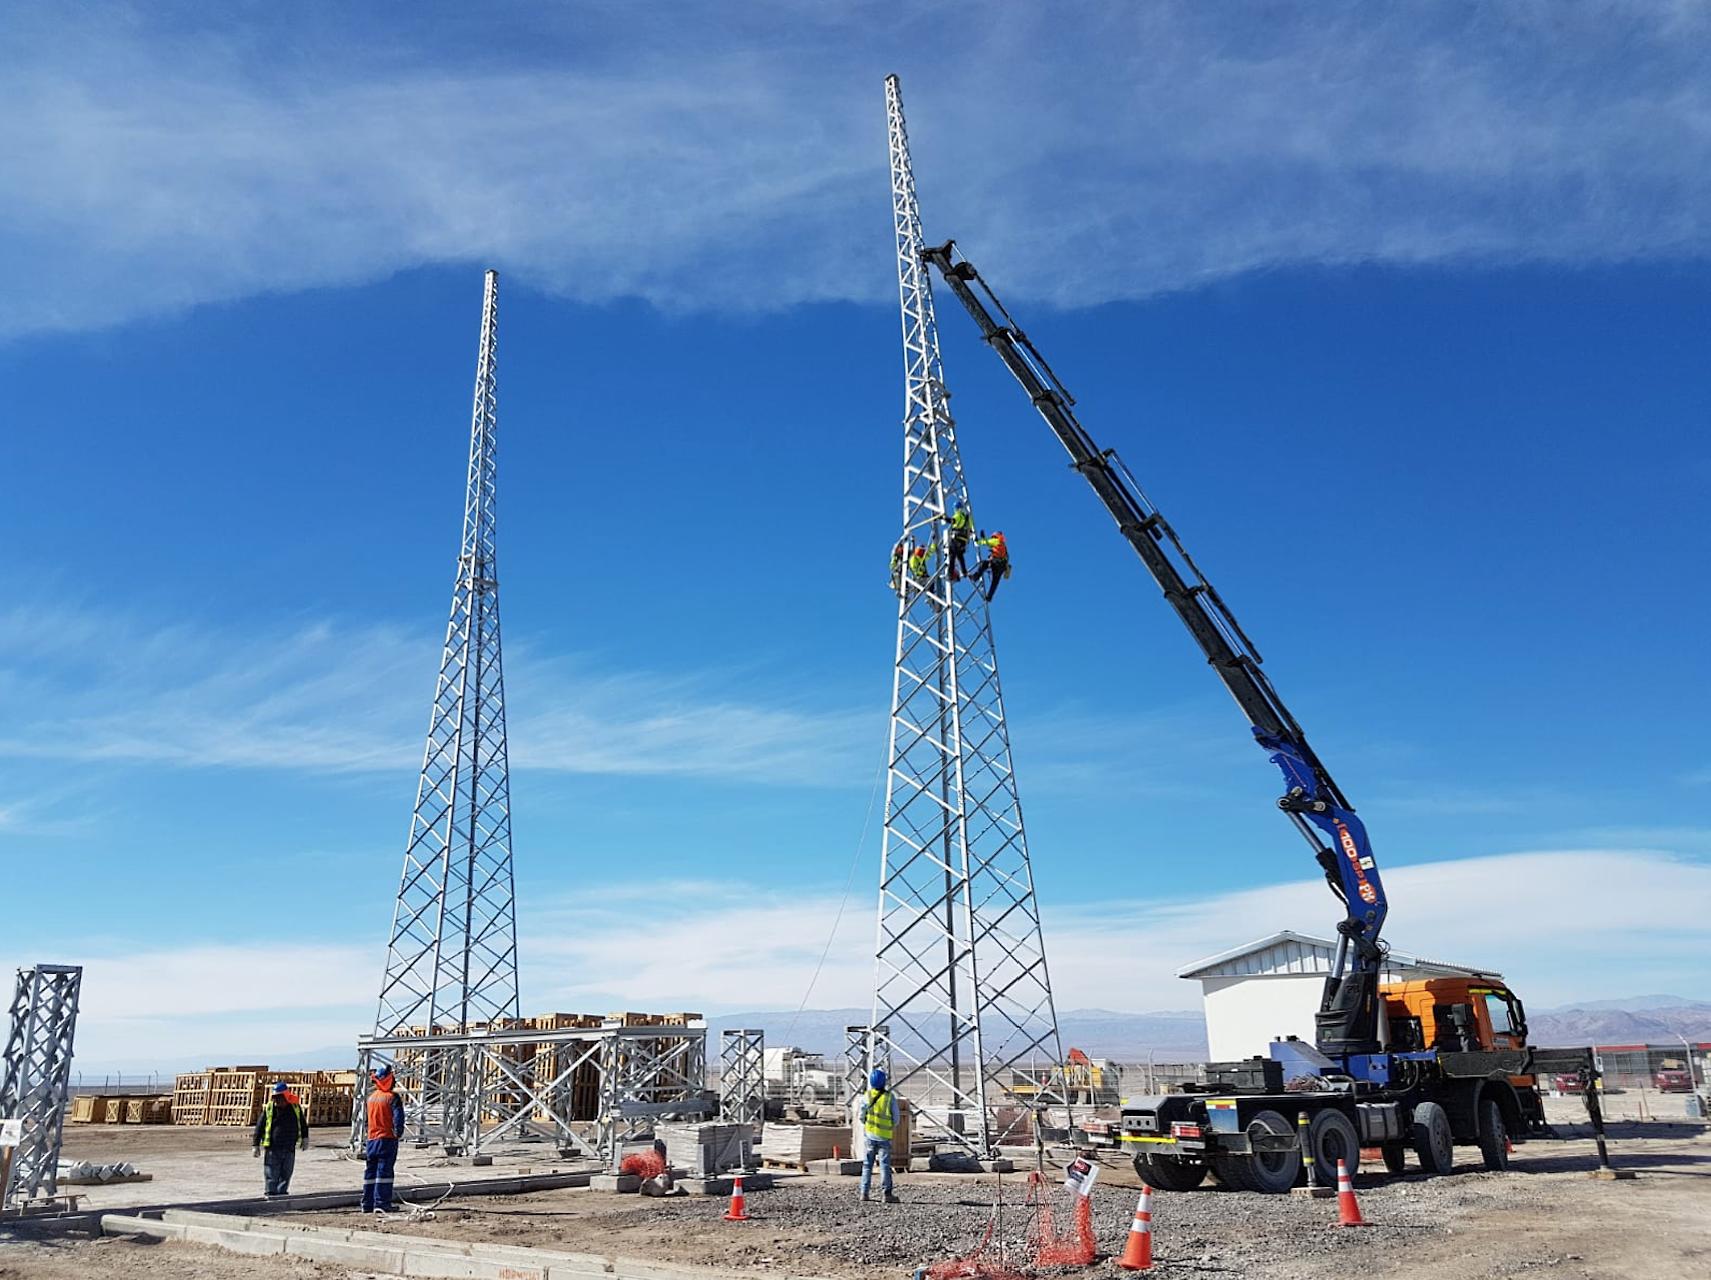 ISOTRON Chile, filial de ISASTUR, resulta adjudicataria de 6 proyectos en la licitación de Obras de Ampliación del Sistema de Transmisión Zonal de Chile